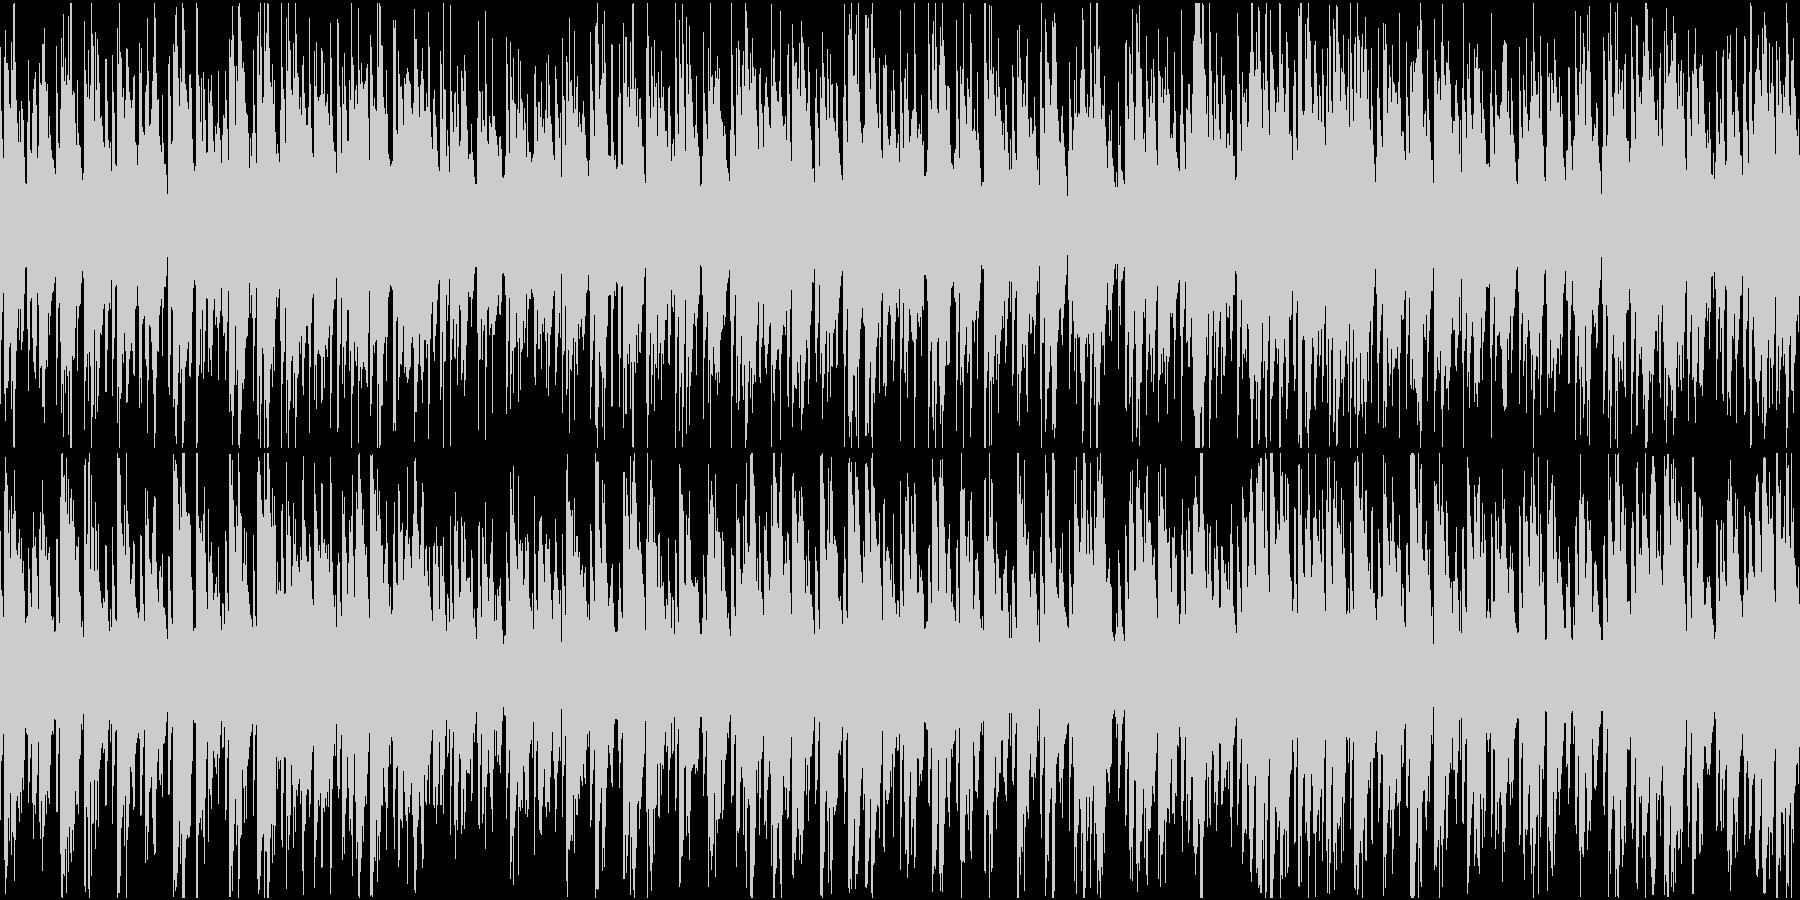 のんびりゆったりウクレレ&ギター/ループの未再生の波形